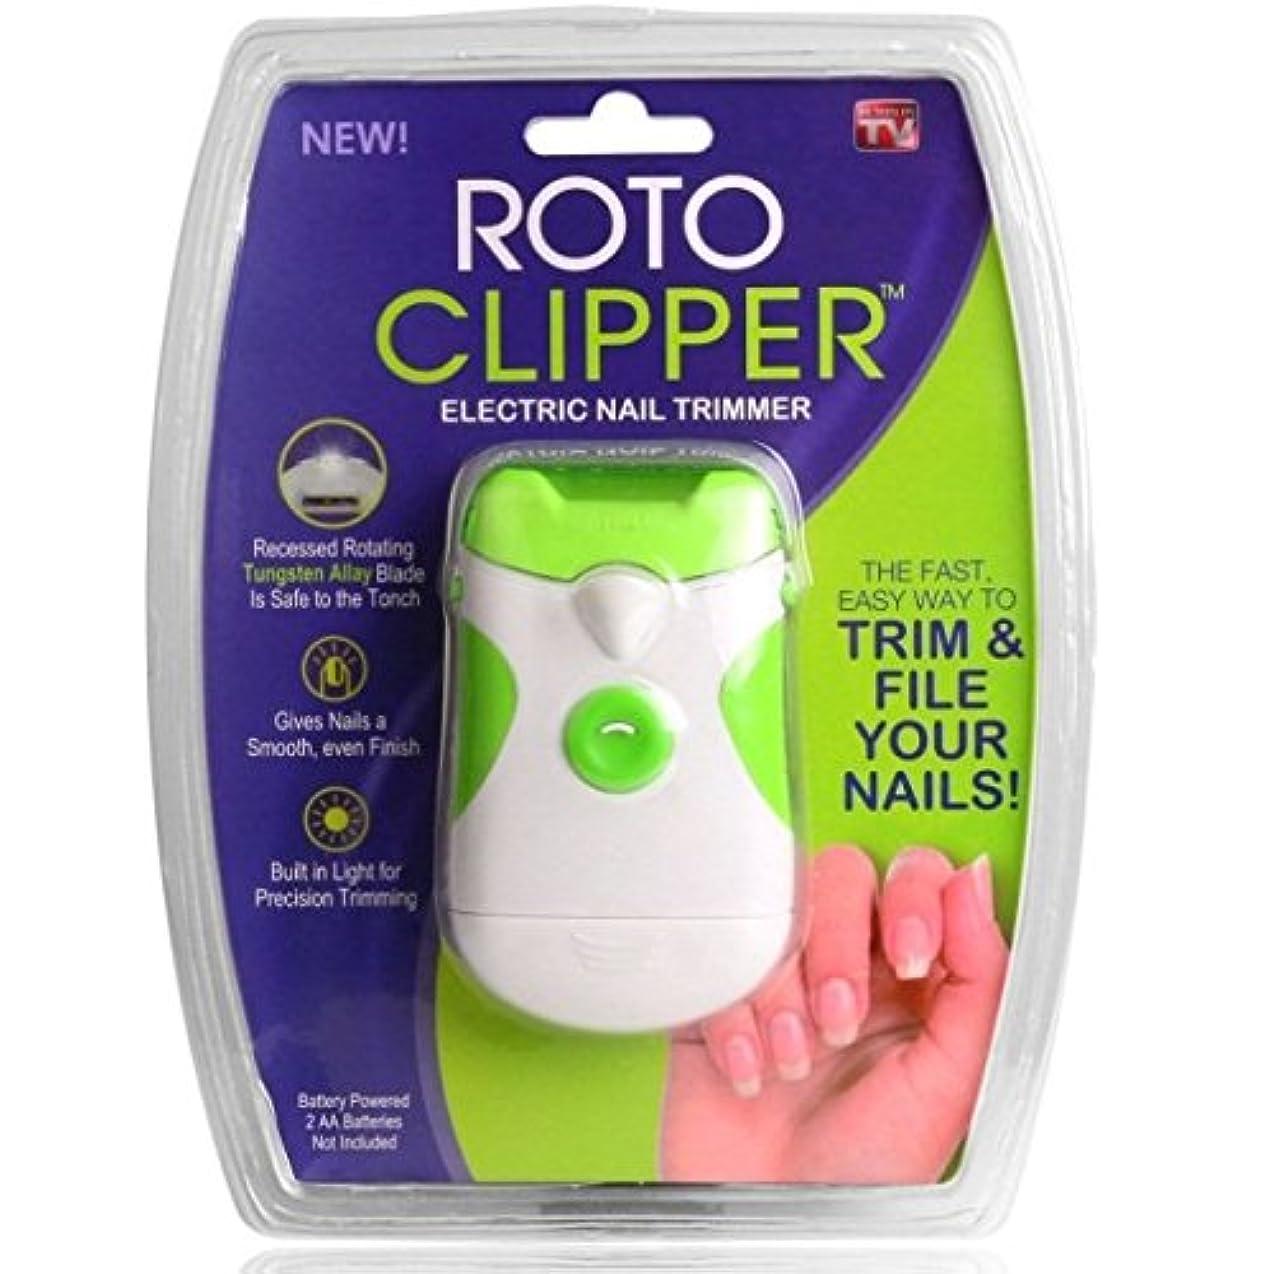 ケイ素十群れROTO 電動 爪やすり 爪切り 巻き爪 ネイルケア 爪のトラブル 電池式 LEDライト付き 【並行輸入品】